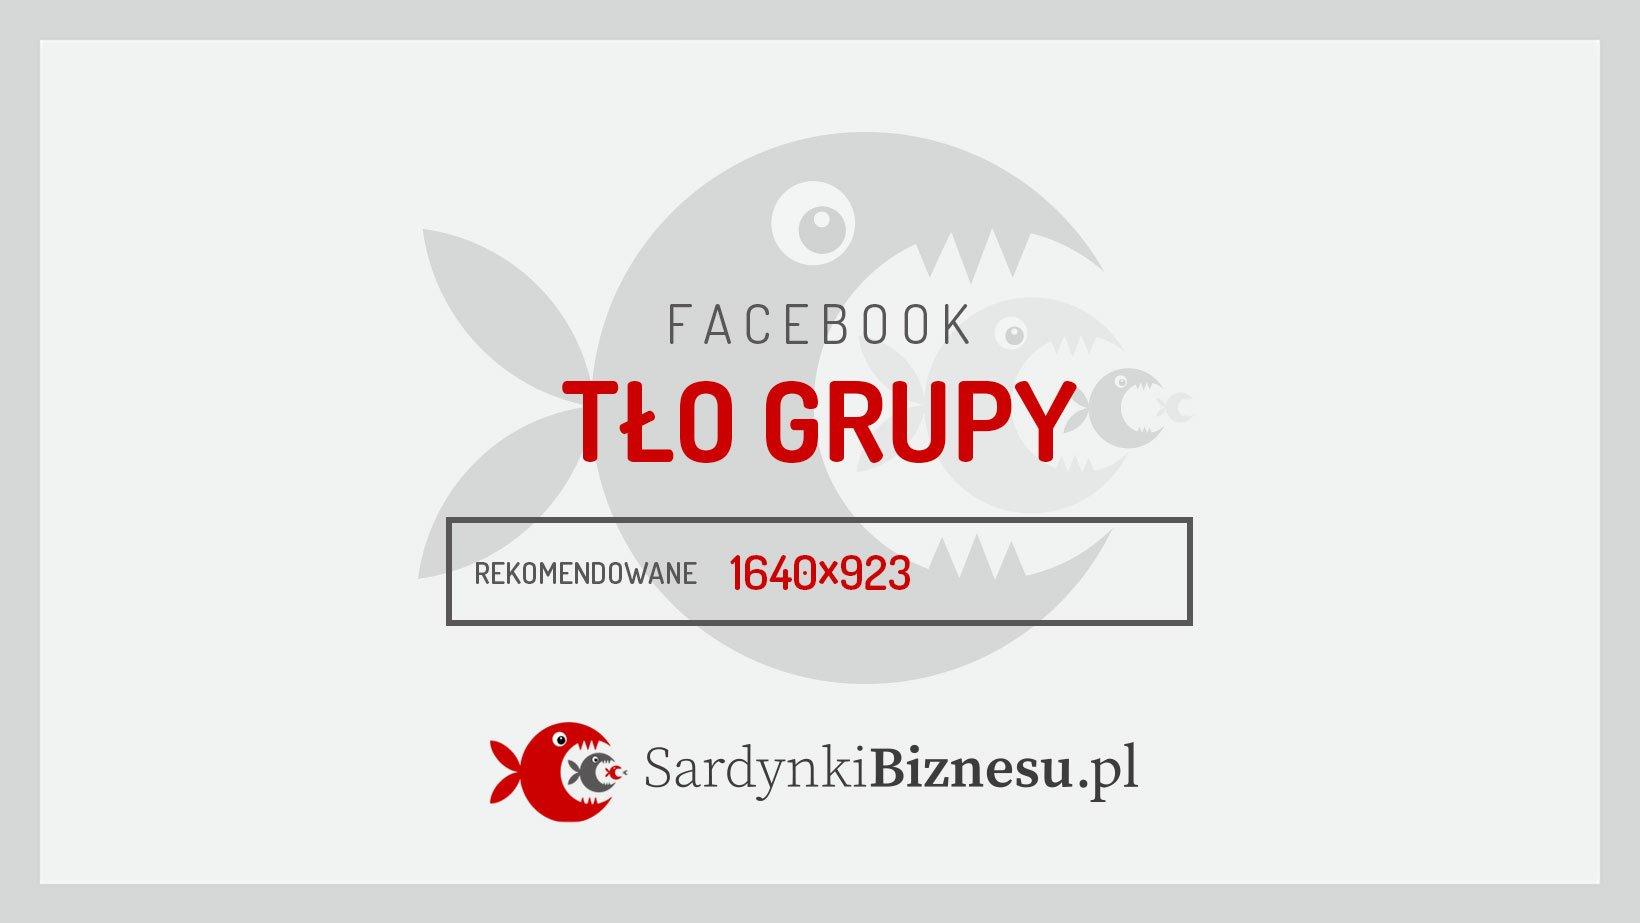 Rekomendowany wymiar grafiki tła grupy na Facebooku.